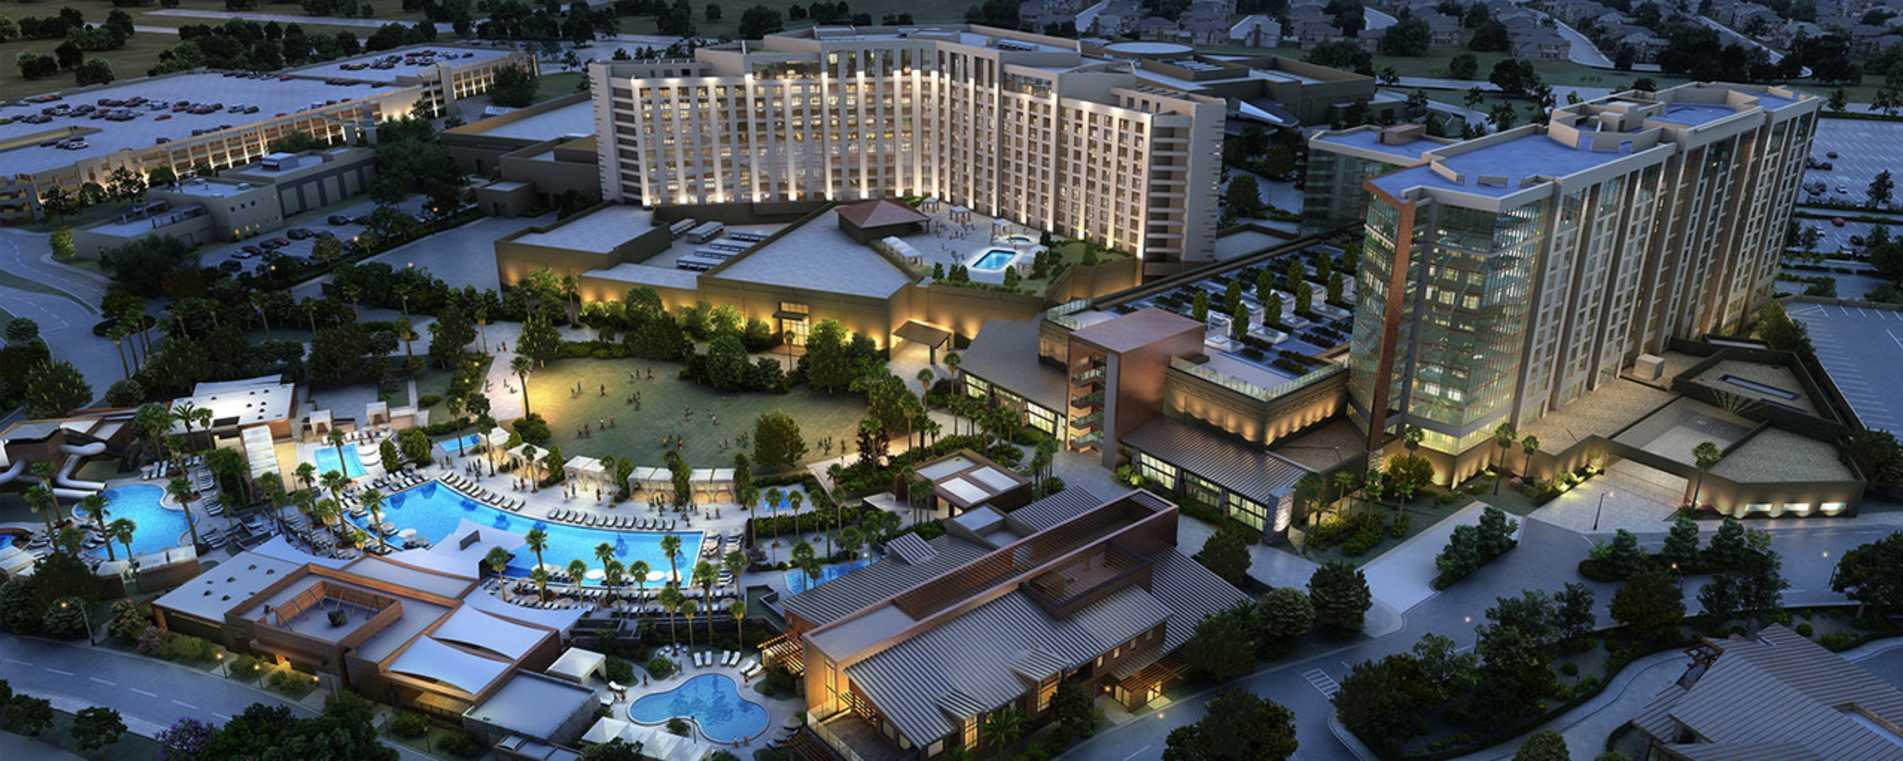 Pechanga Resort & Casino - Temecula